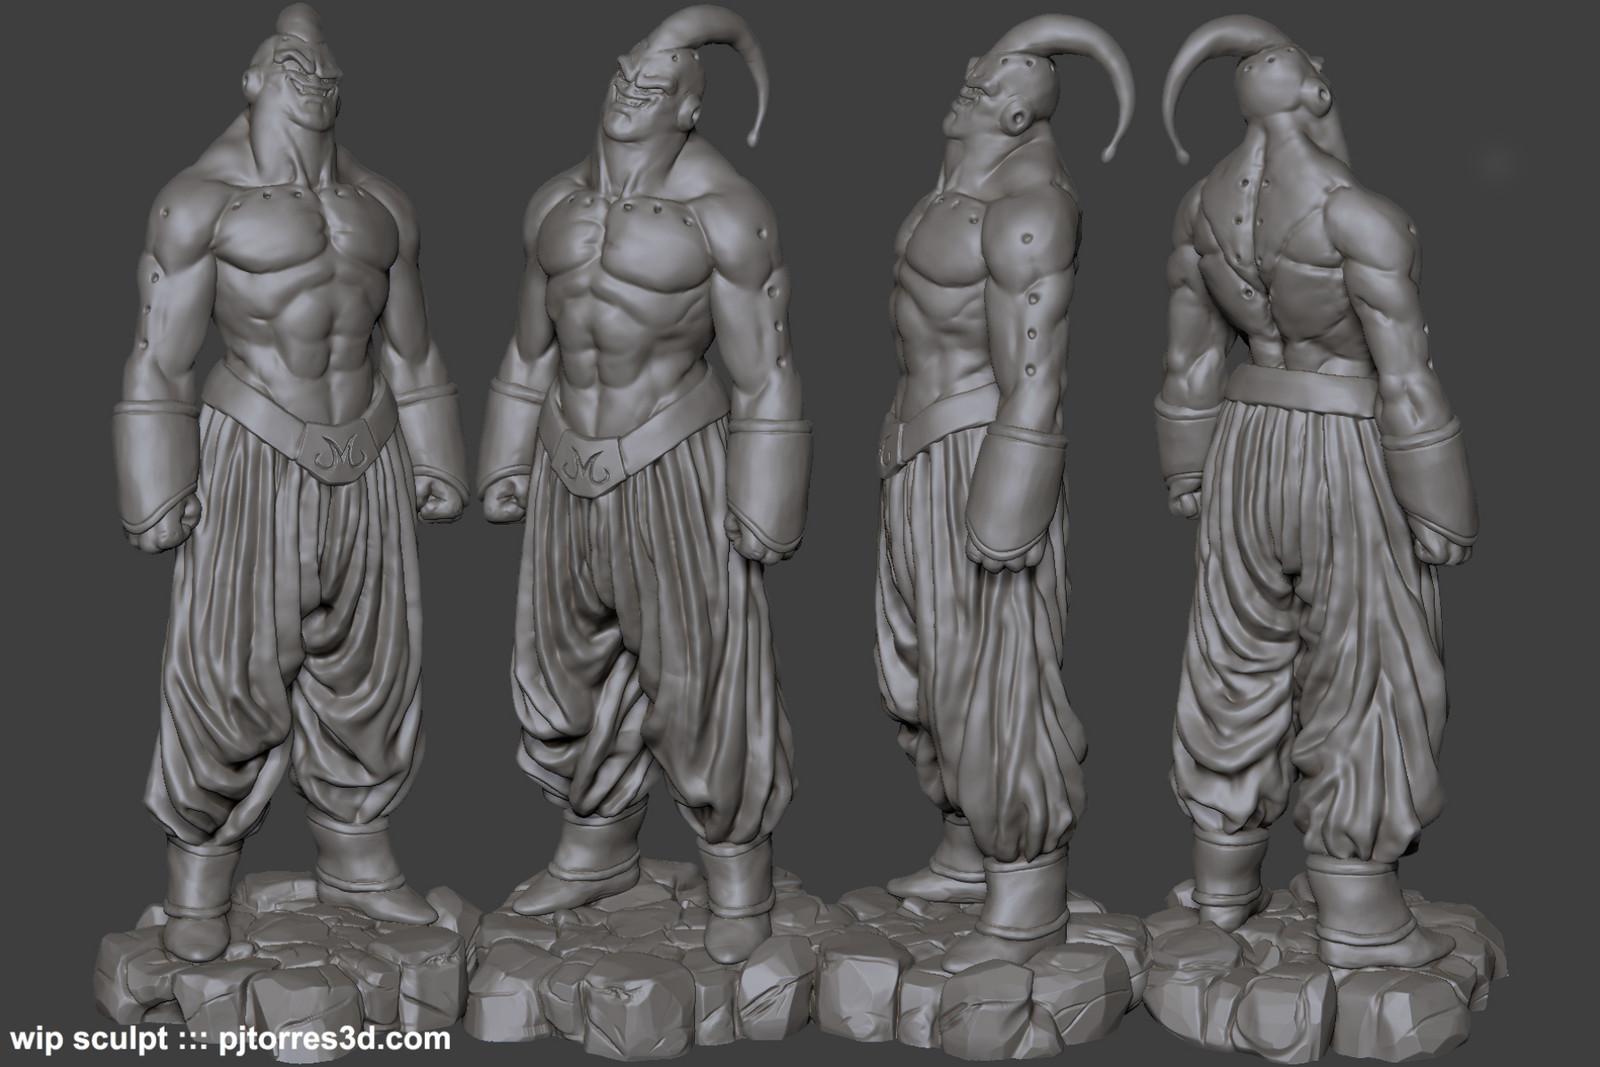 Evil Buu / Fat Buu Sculpts (wip)